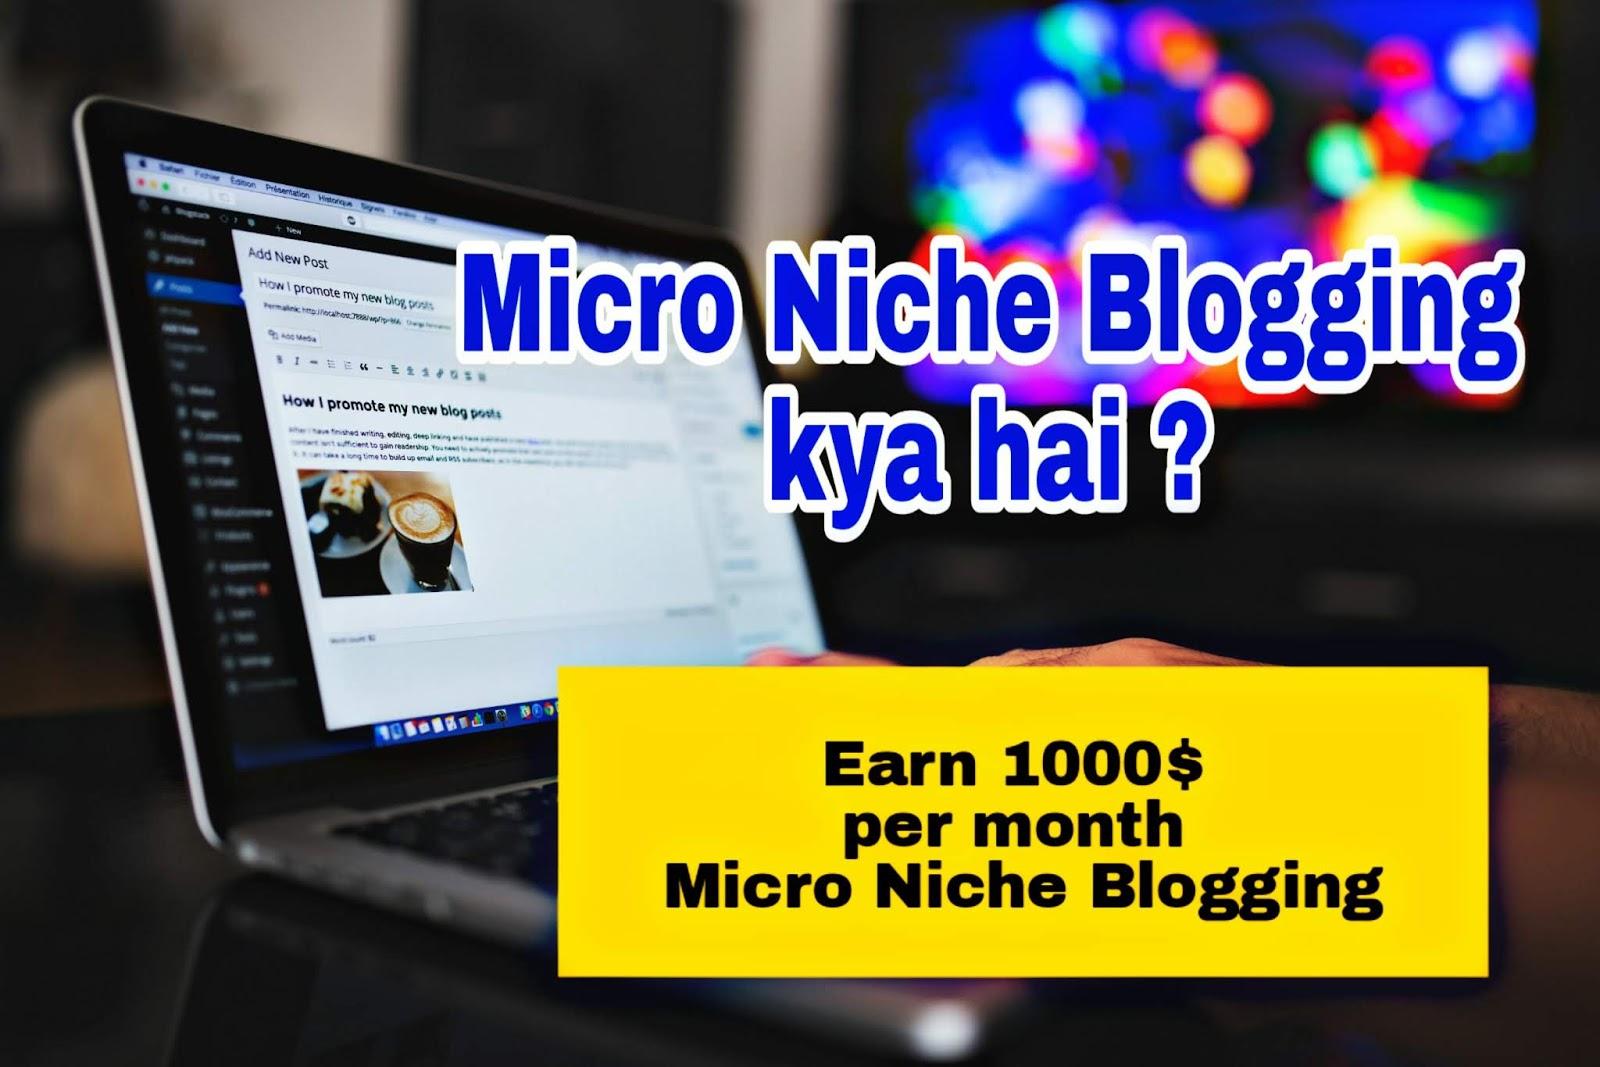 Earn 1000$ Per Month | Micro Niche Blogging